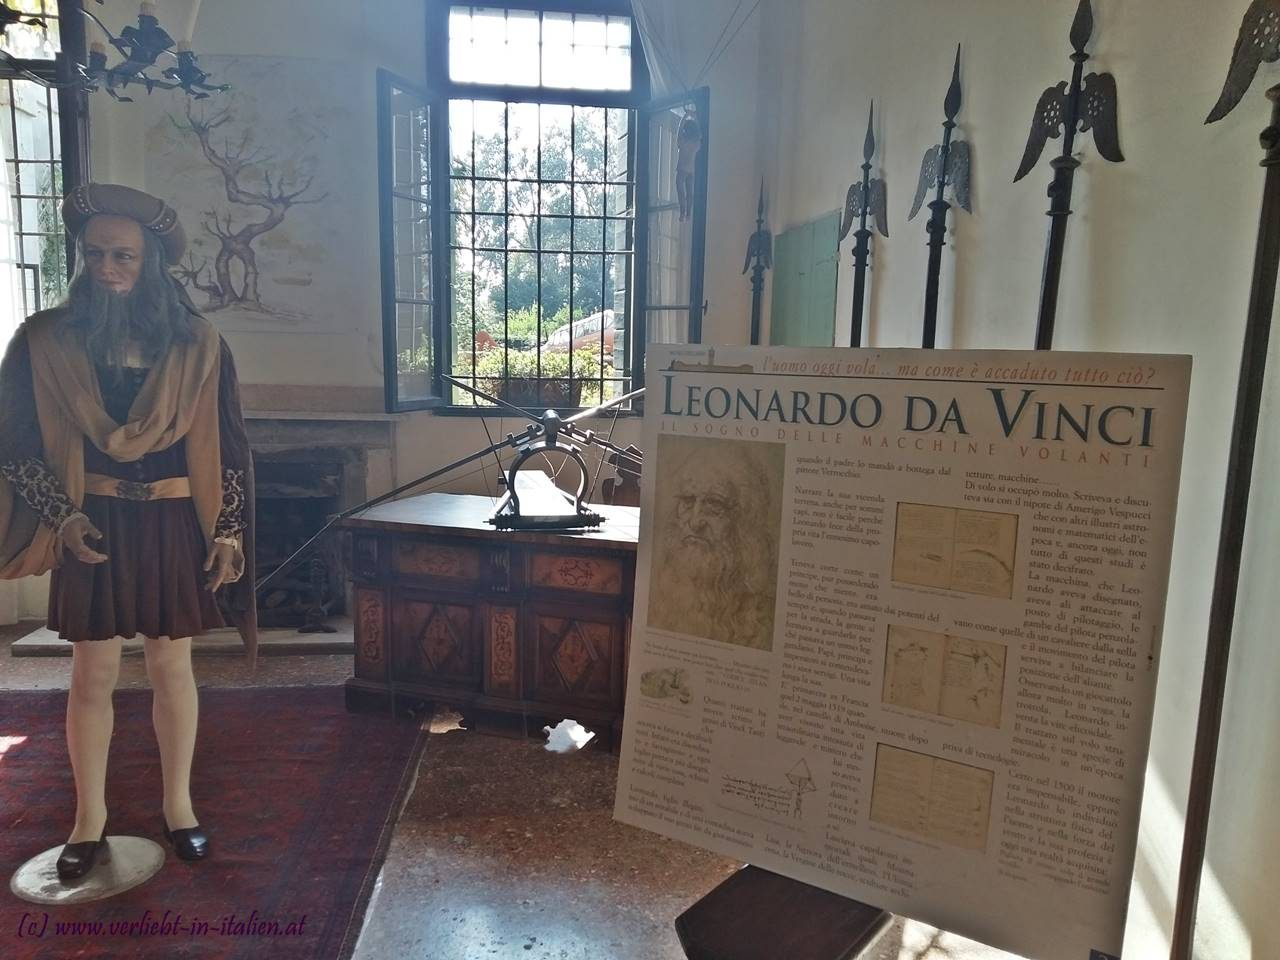 Da Vinci und seine Maschinen